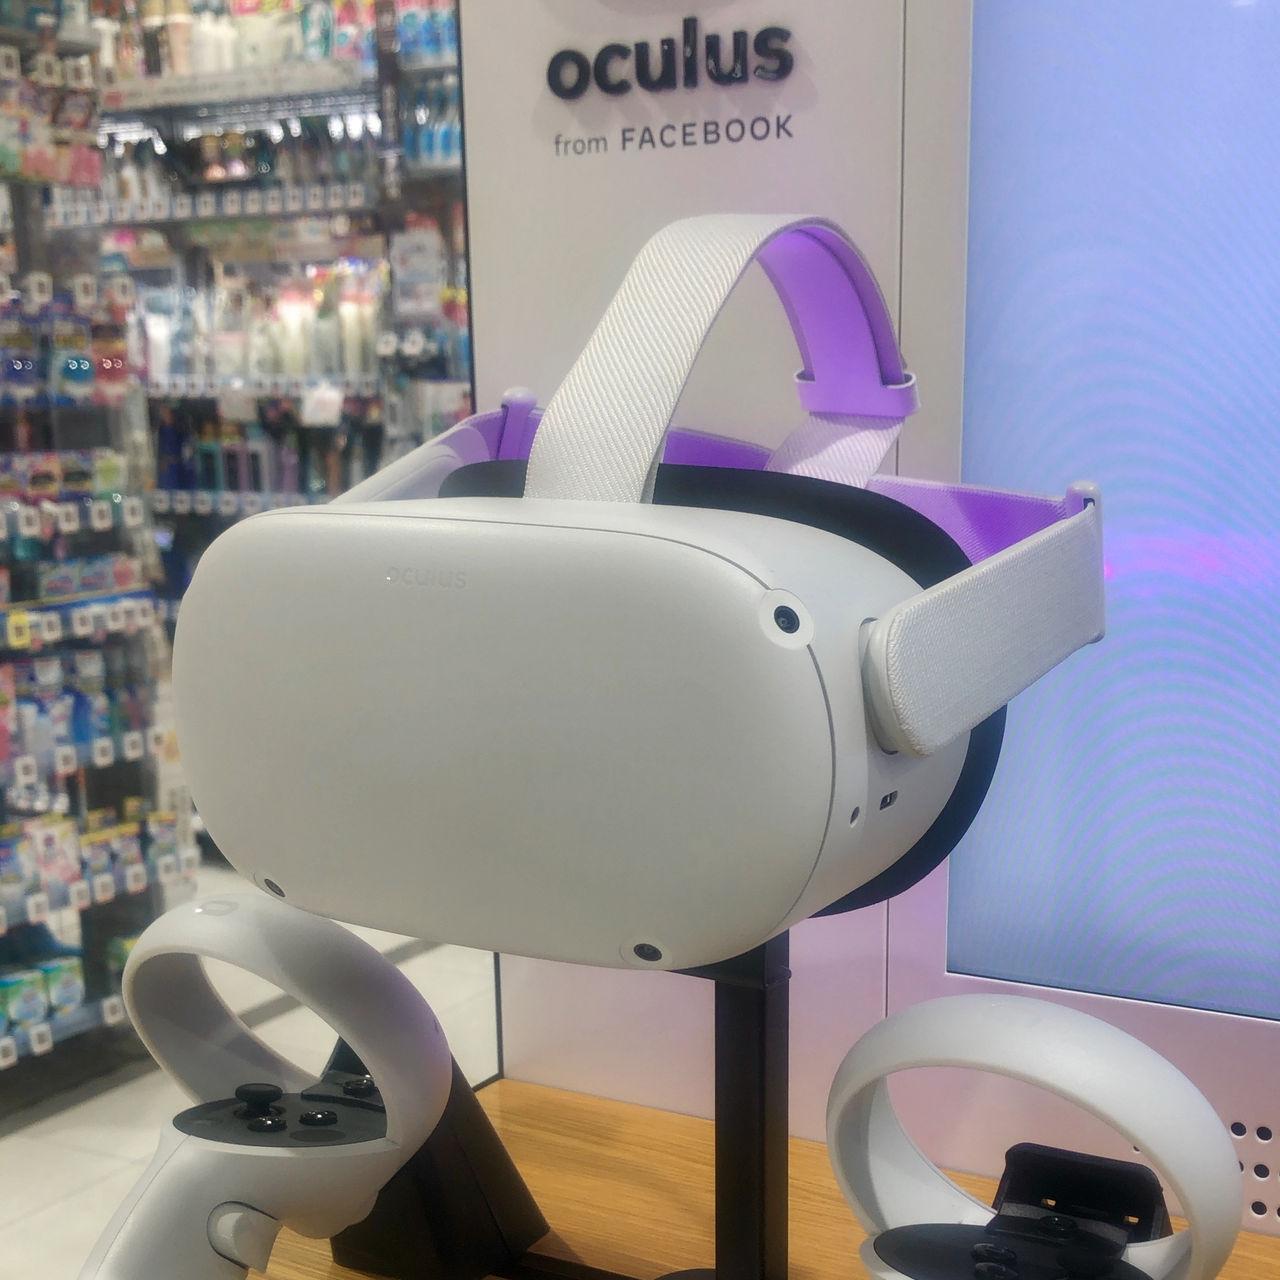 Spel till Oculus försvinner om man raderar sitt Facebook-konto